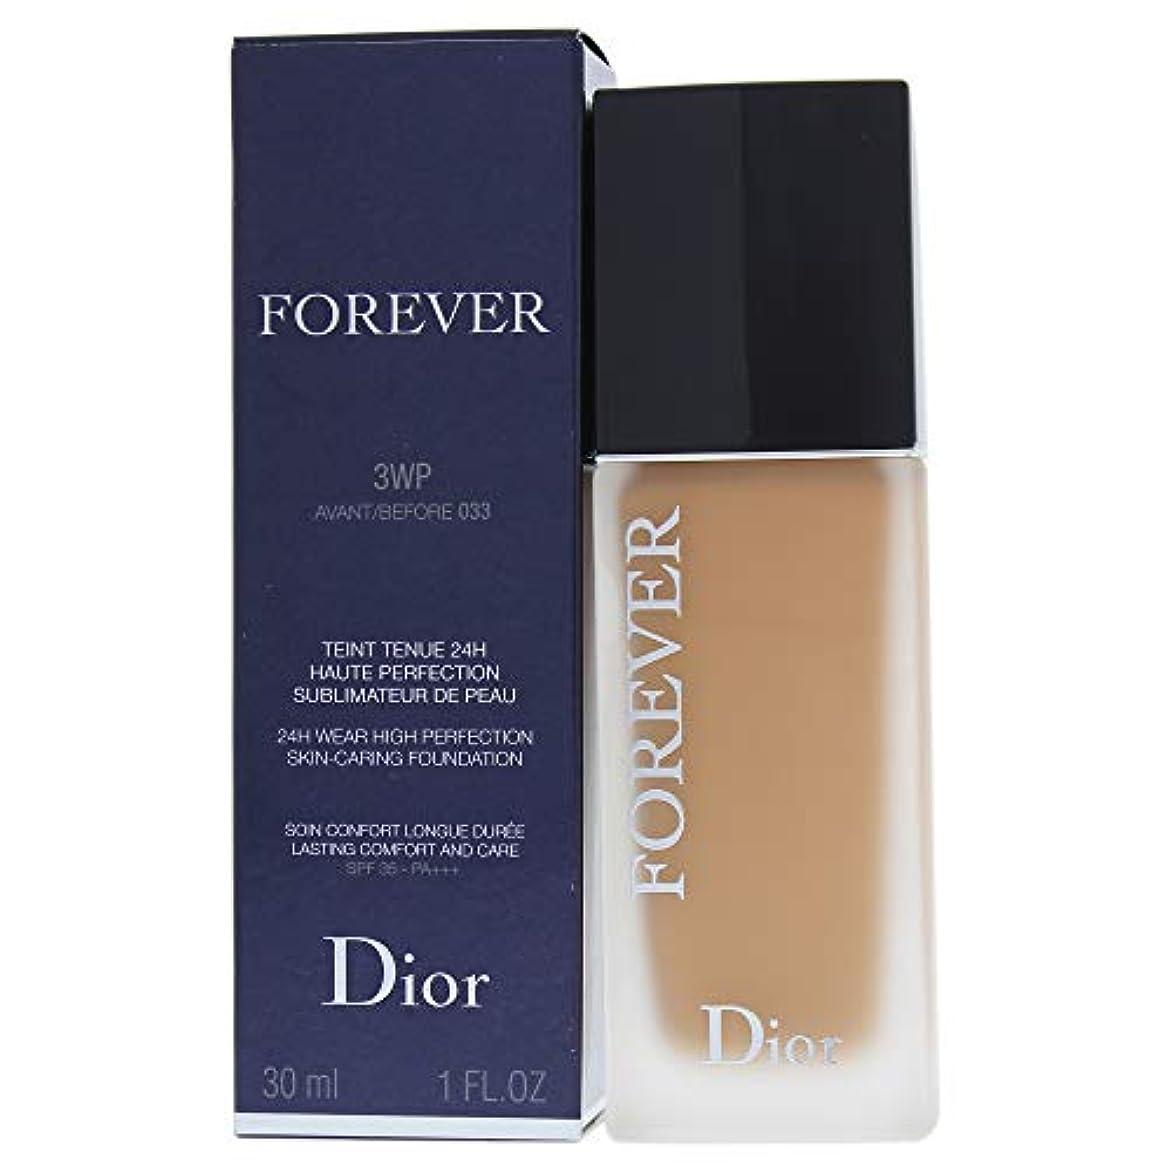 食料品店境界バンクリスチャンディオール Dior Forever 24H Wear High Perfection Foundation SPF 35 - # 3WP (Warm Peach) 30ml/1oz並行輸入品